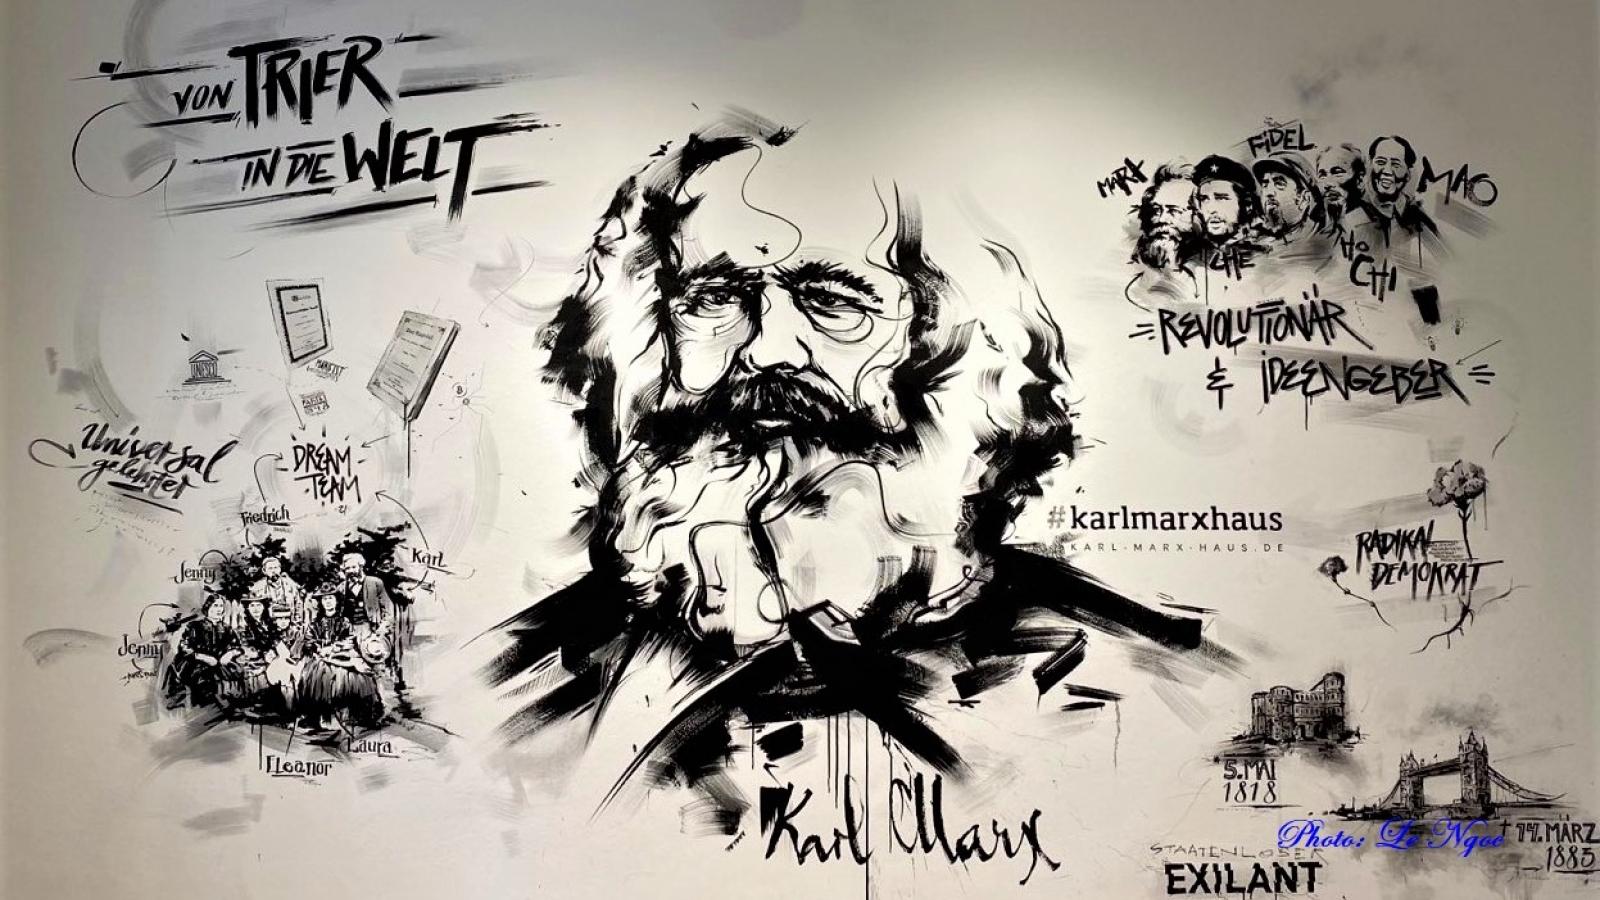 Di sản bất tử của vĩ nhân Karl Marx